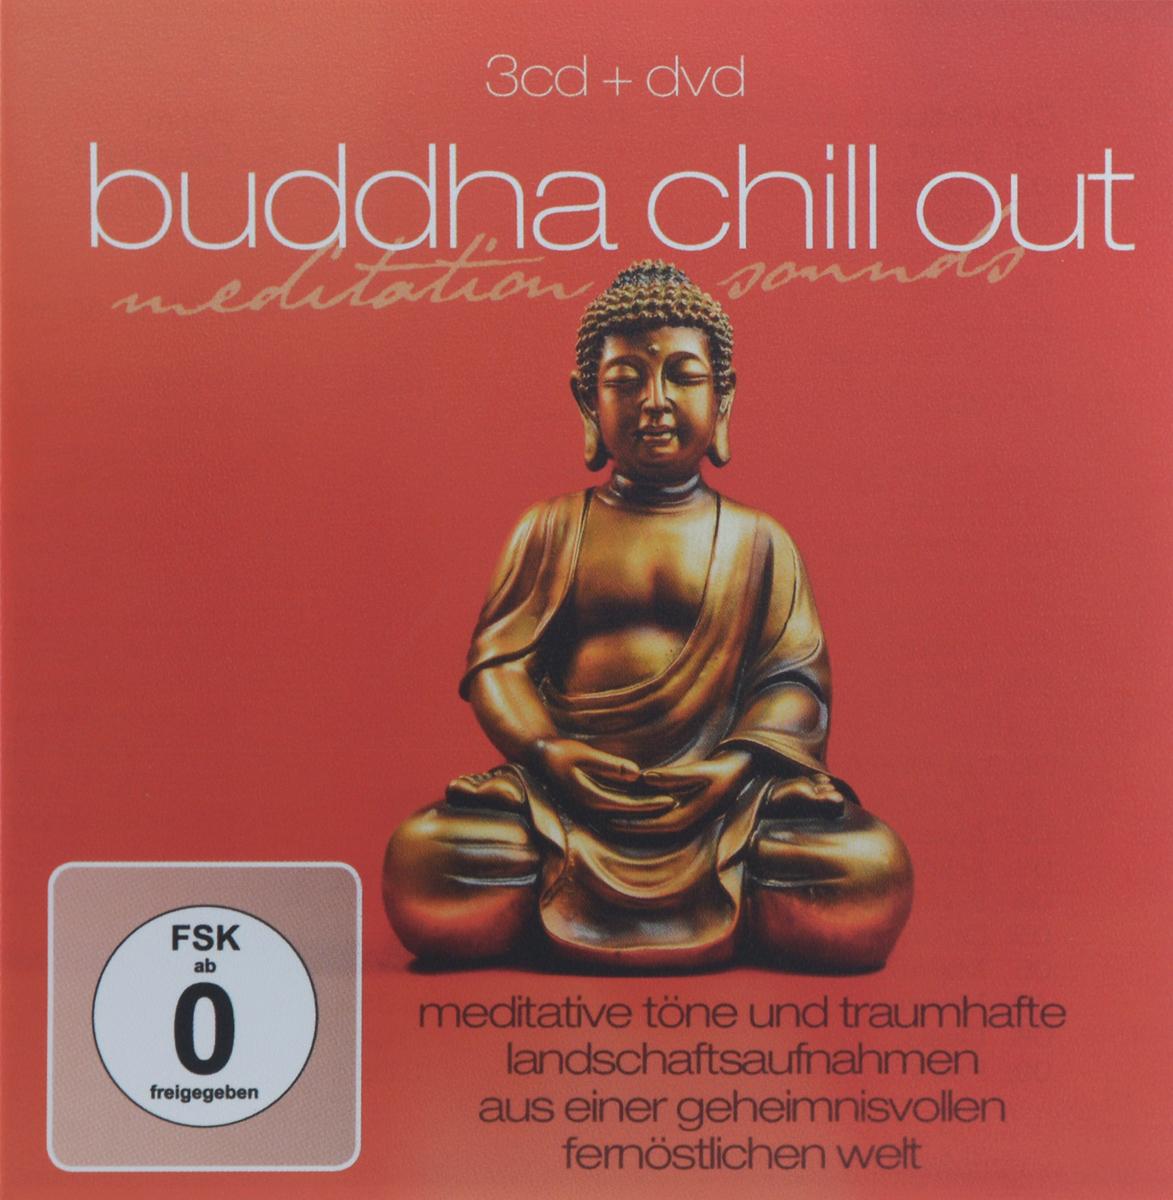 Buddha Chill Out. Meditation Sounds (3 CD + DVD) rush replay x3 3 dvd cd